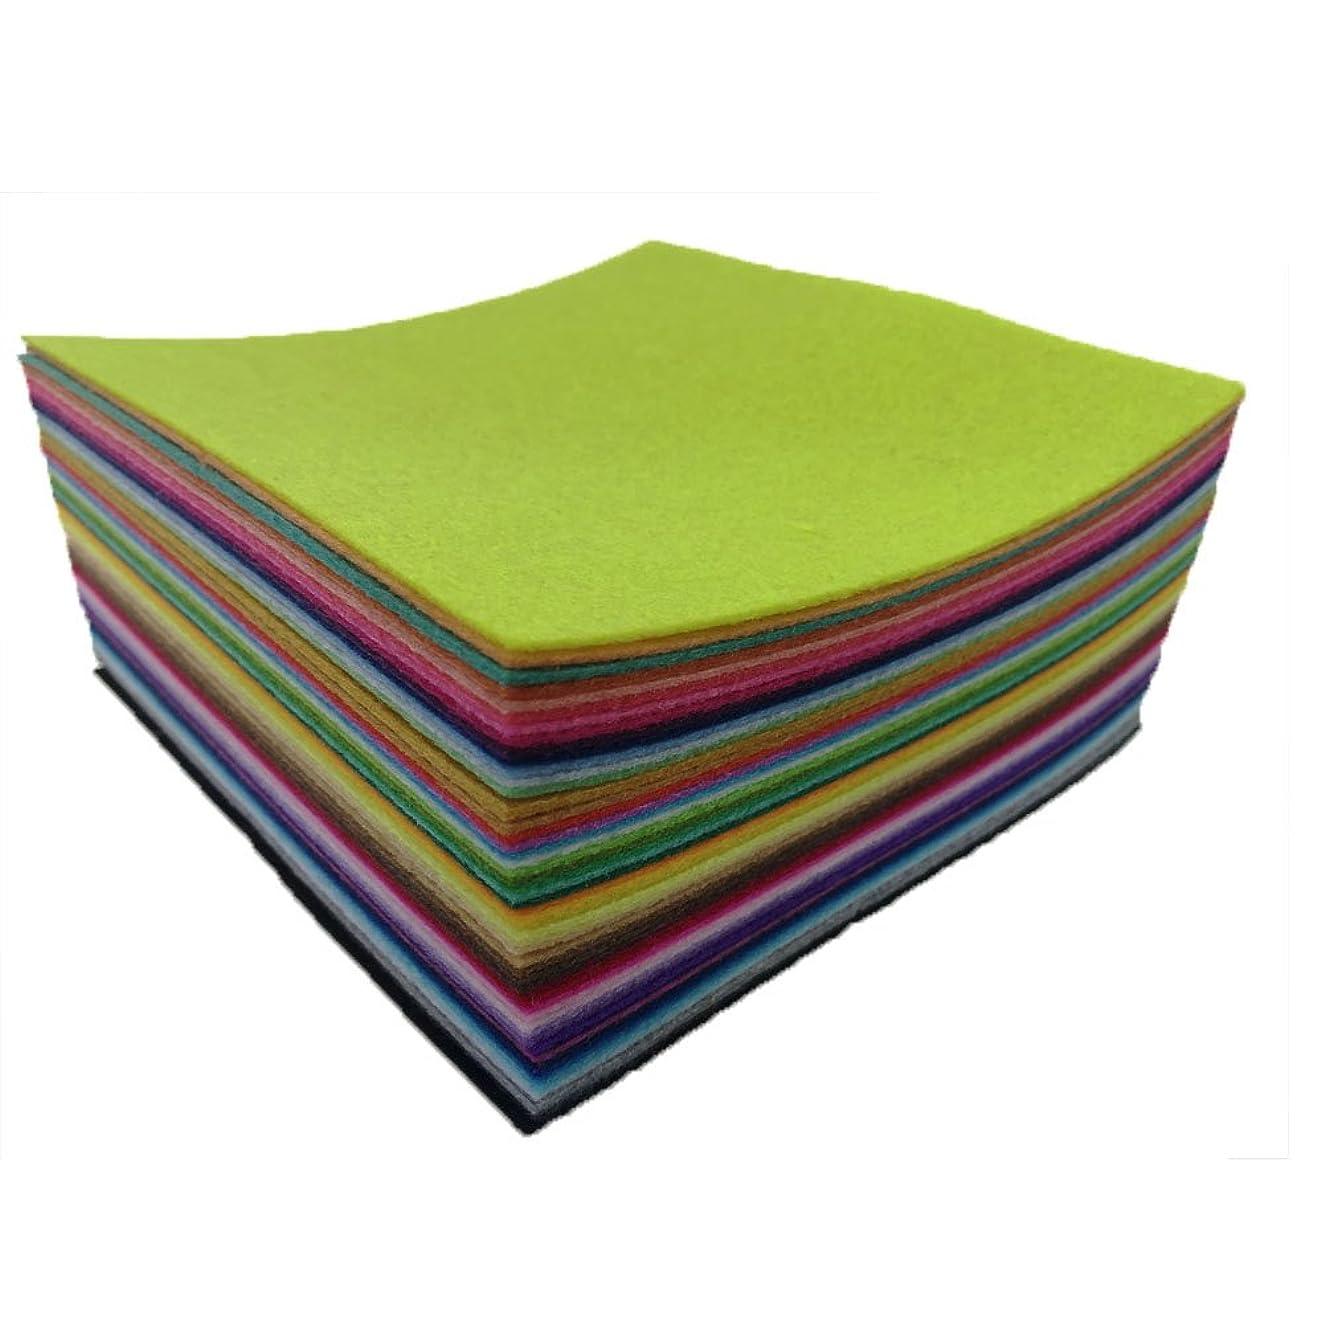 flic-flac 54pcs Felt Fabric Sheet Assorted Color Felt Pack DIY Craft Squares Nonwoven (15cm15cm)